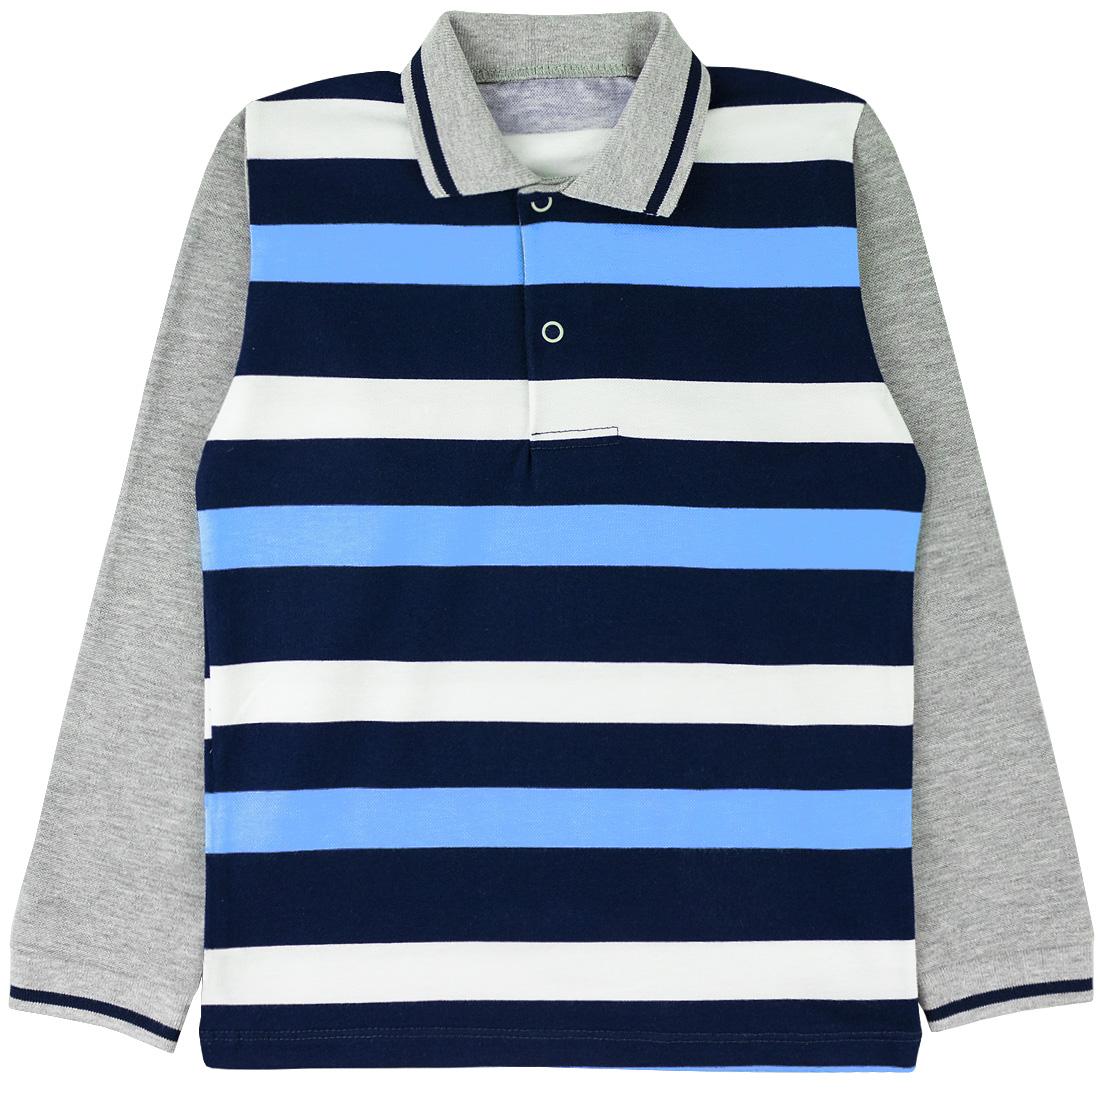 Купить 099п комб, Поло детское Юлла, цв. голубой р. 134, Футболки для мальчиков